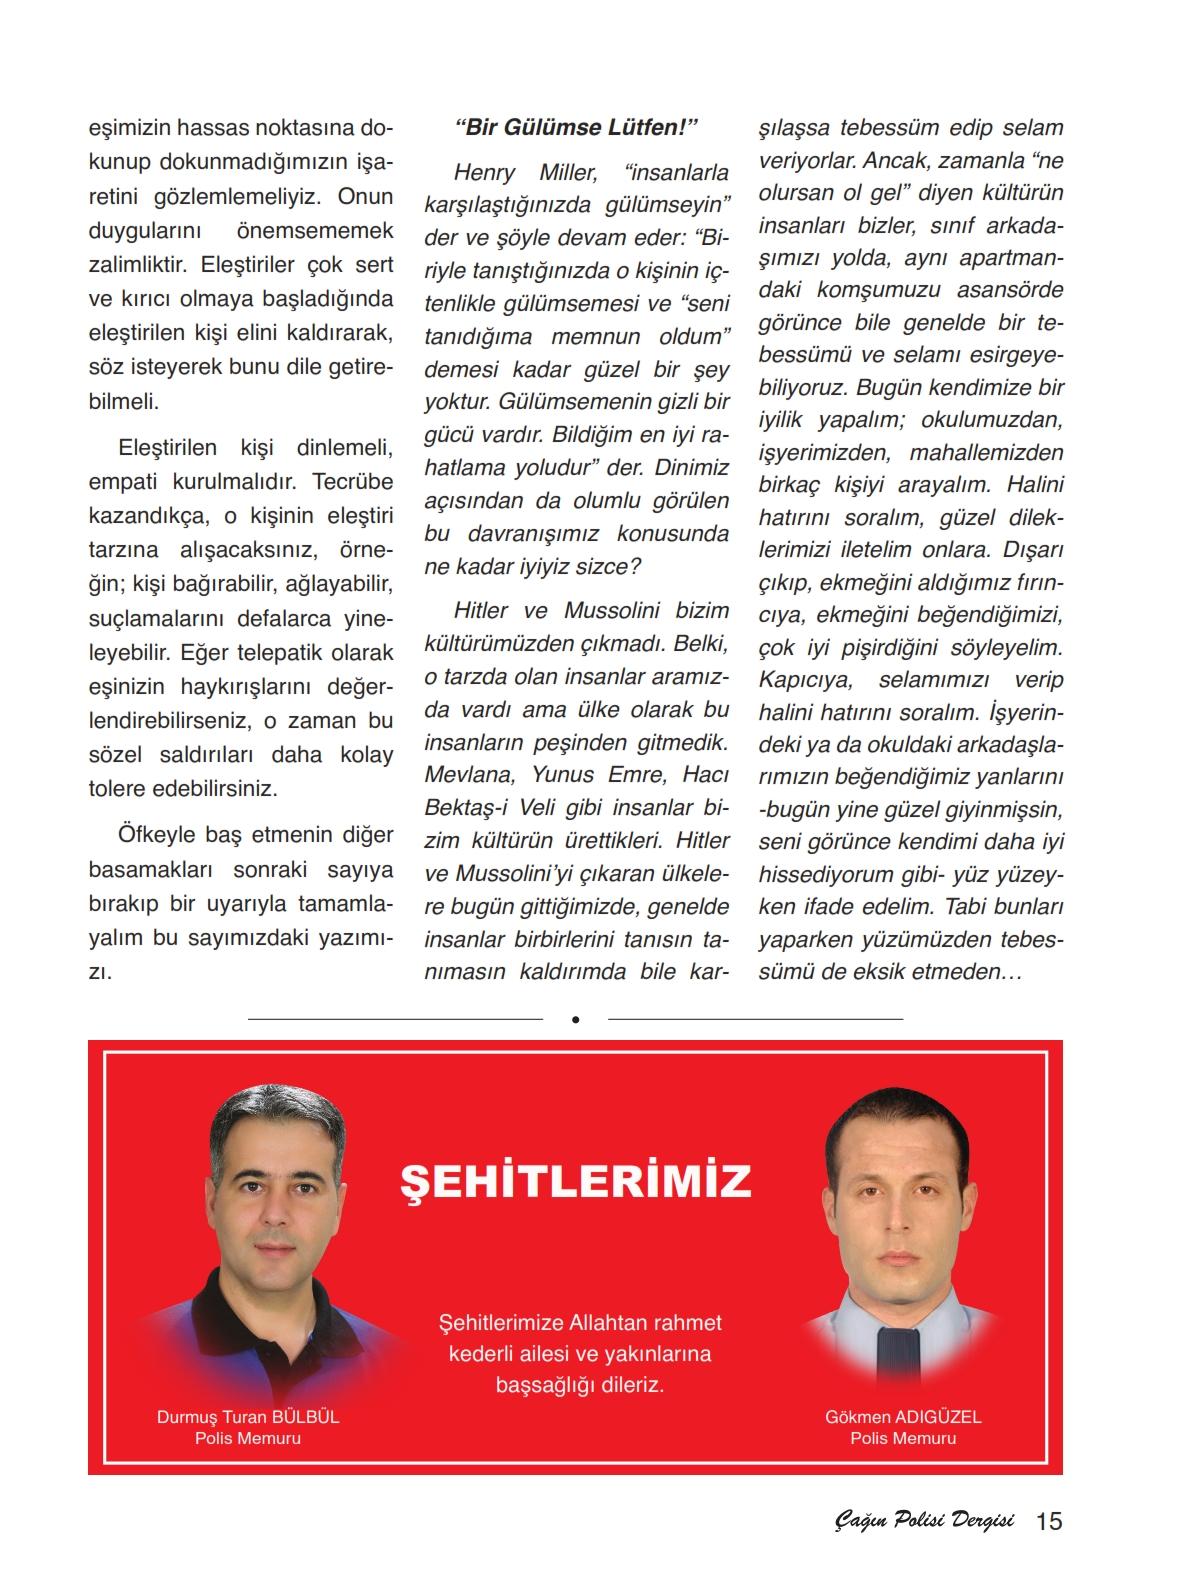 polis_dergi_haziran_2013_017